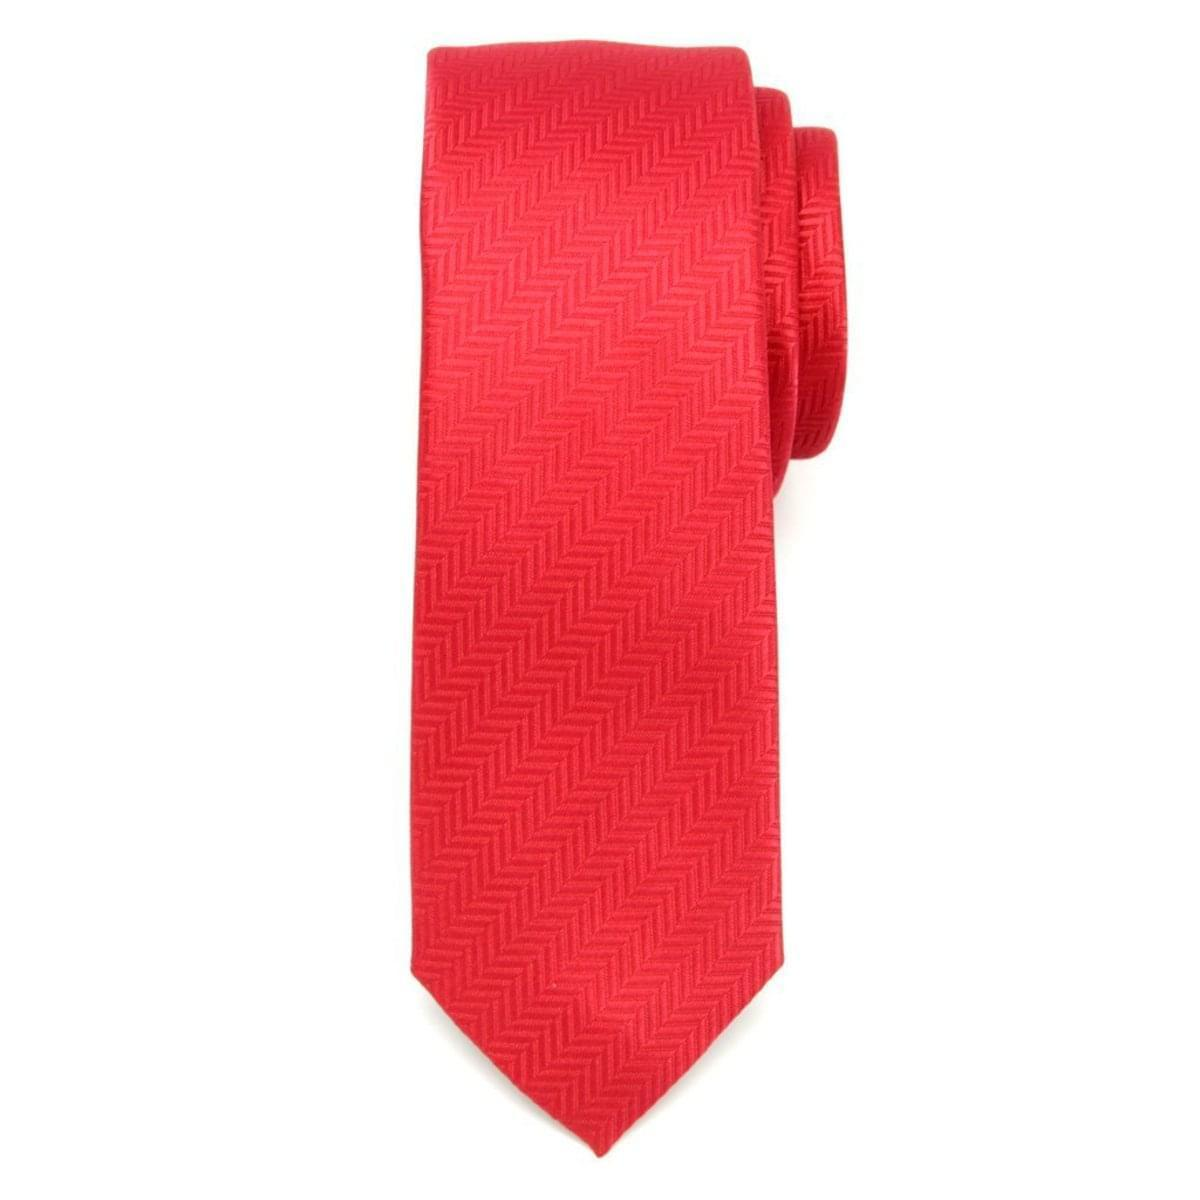 Úzká kravata (vzor 989)4141